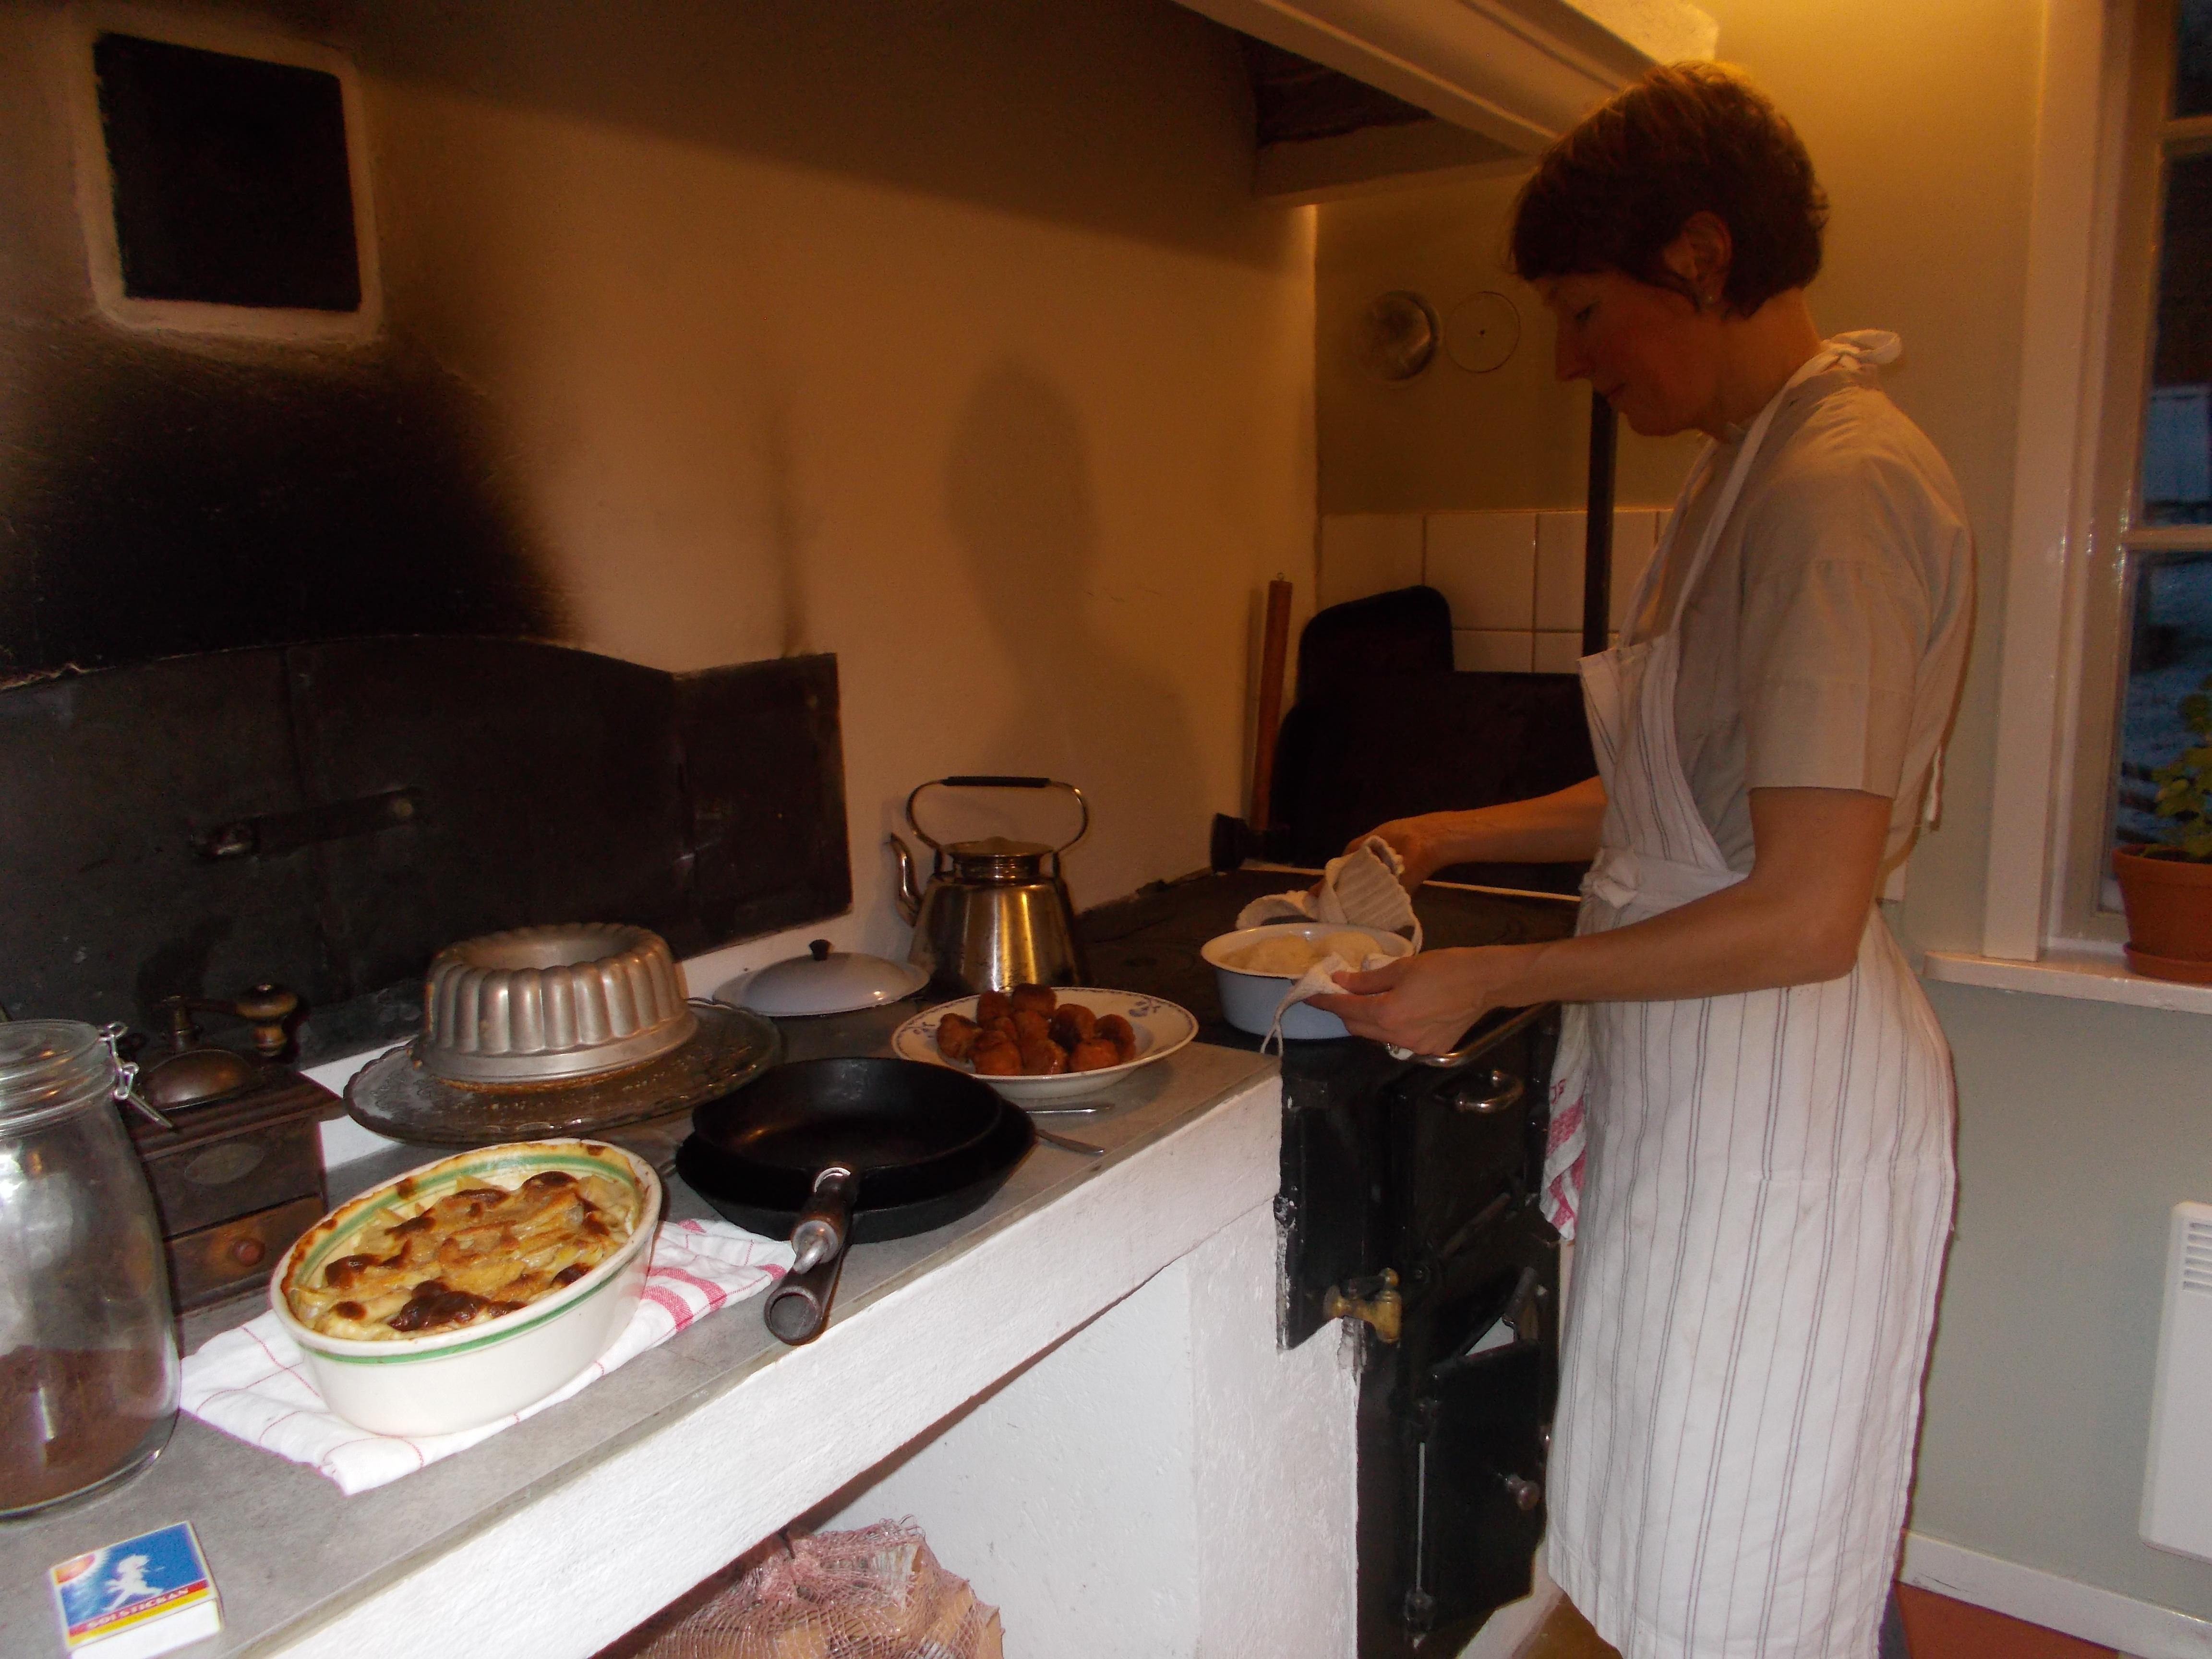 Ulrika står vid den svarta järnspisen och lagar mat